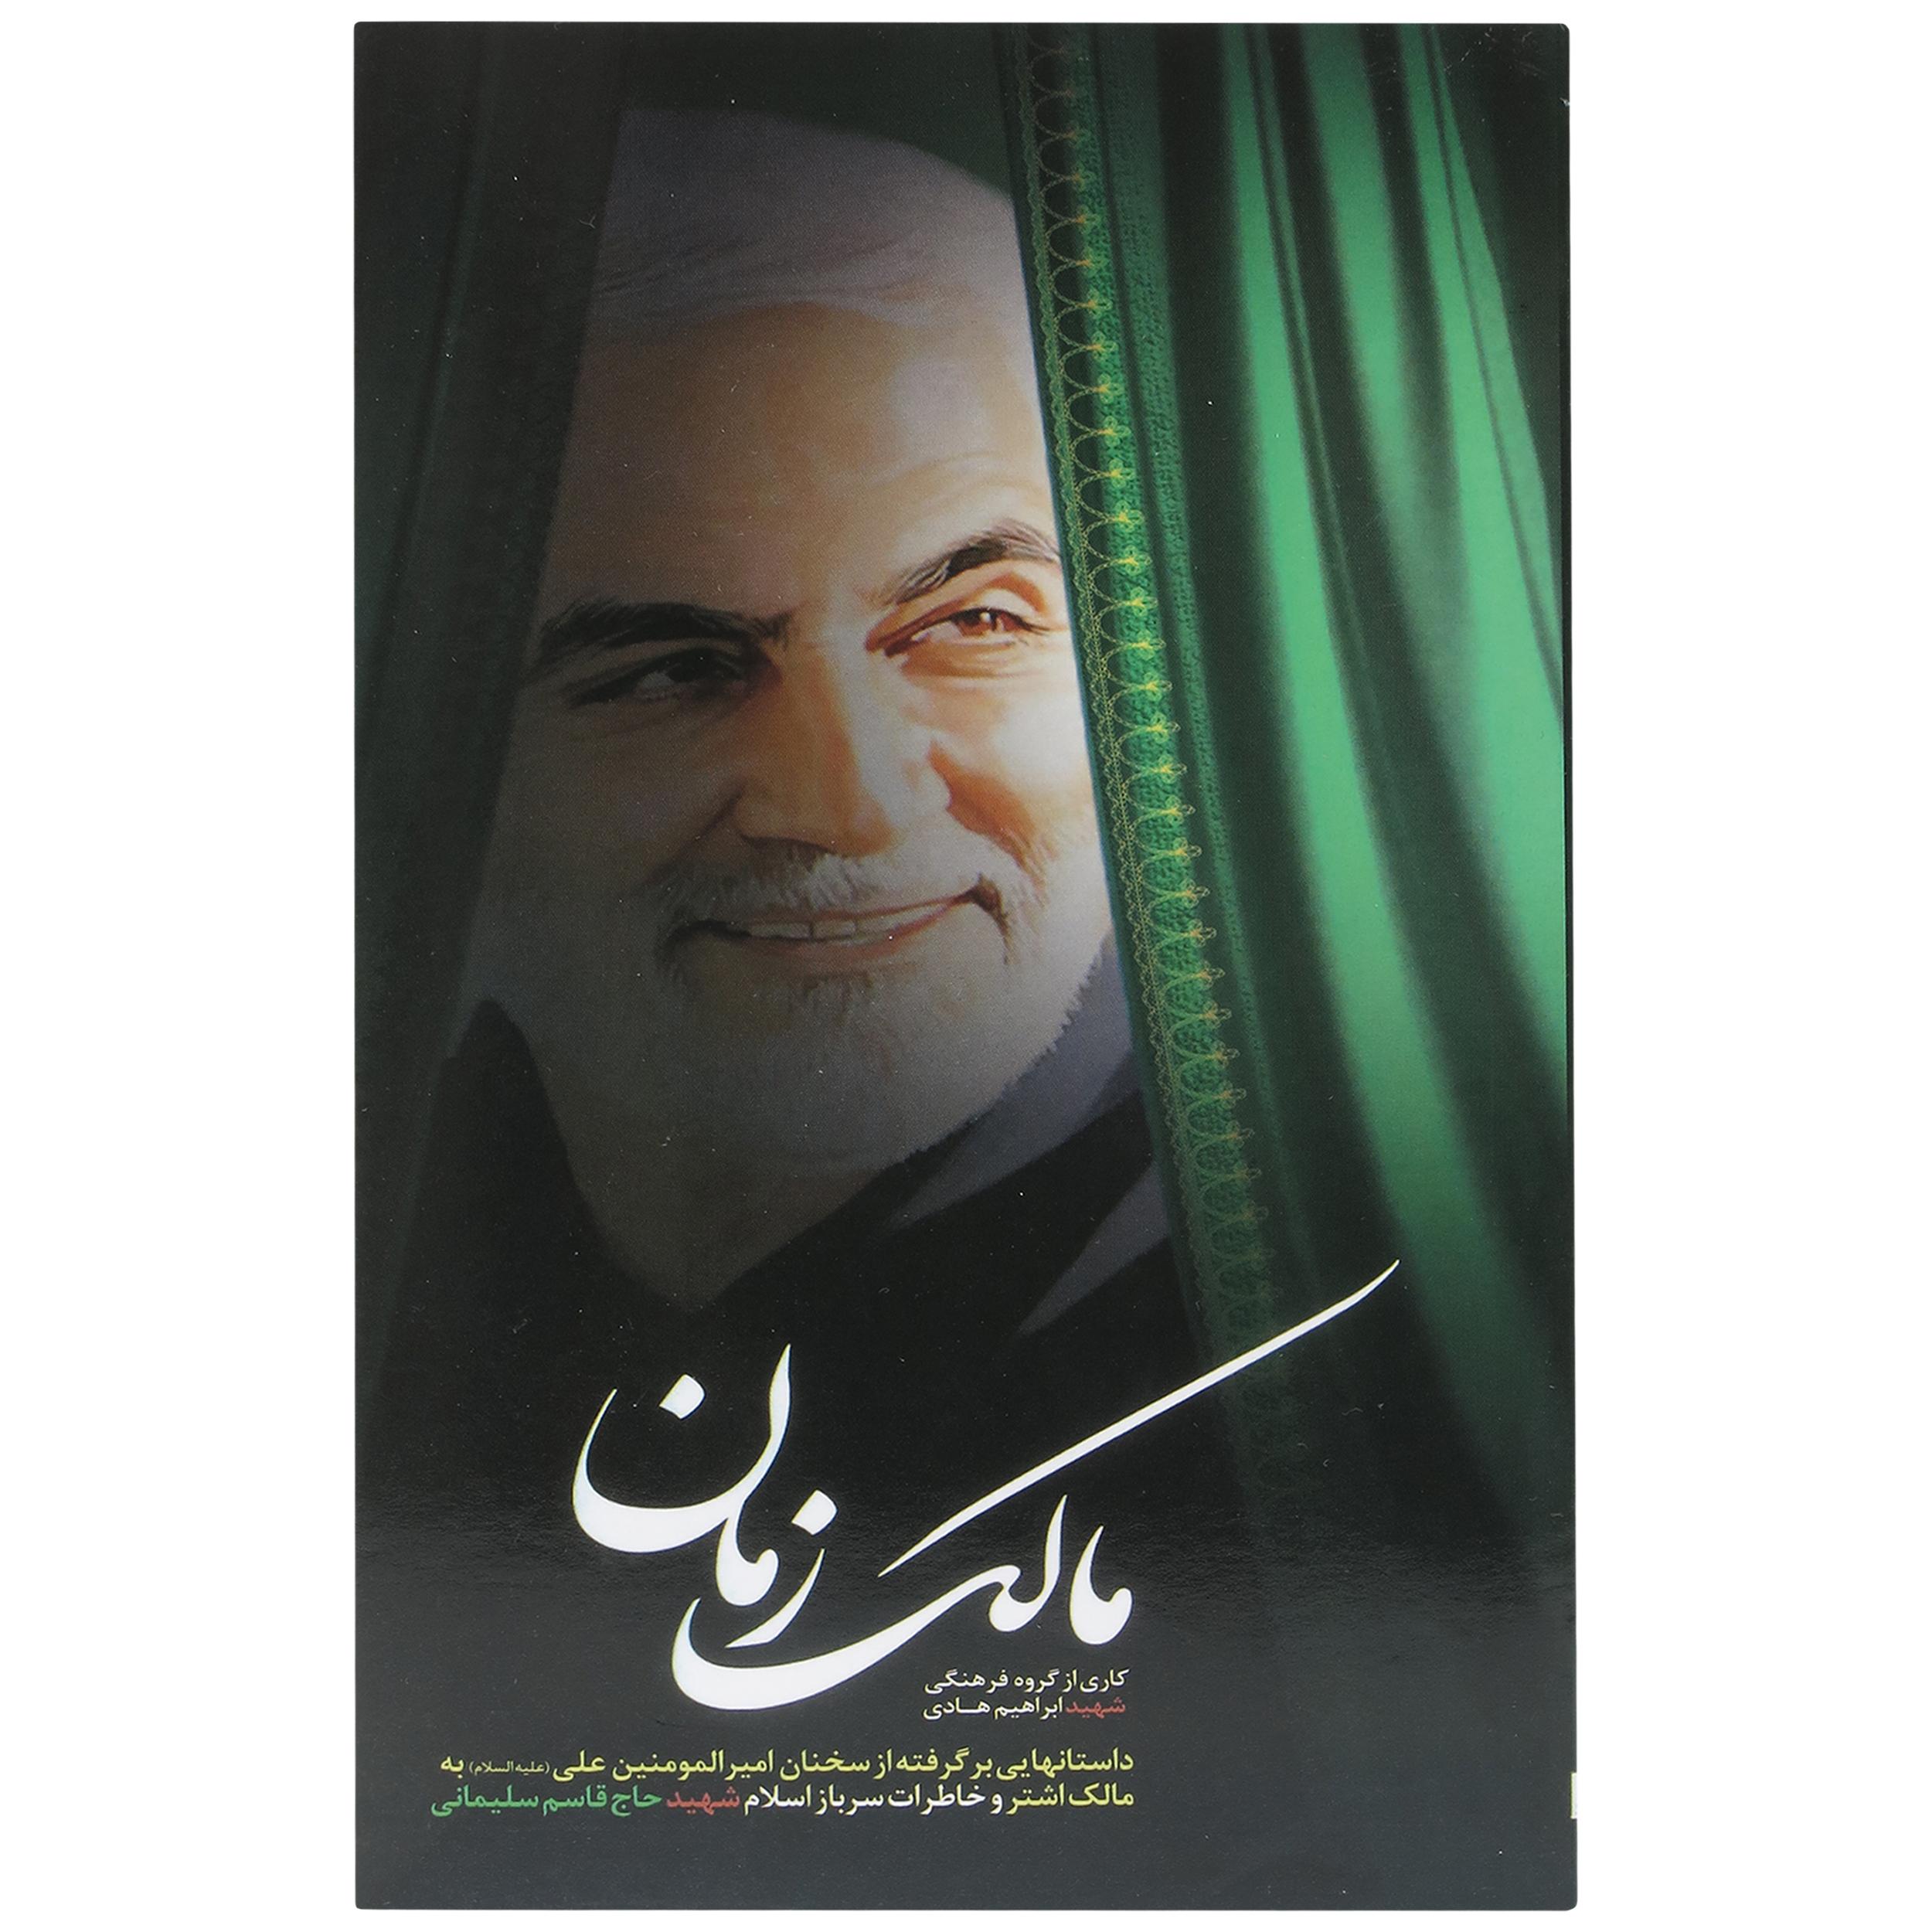 کتاب مالک زمان اثرگروه فرهنگی شهید ابراهیم هادی انتشارات شهید ابراهیم هادی